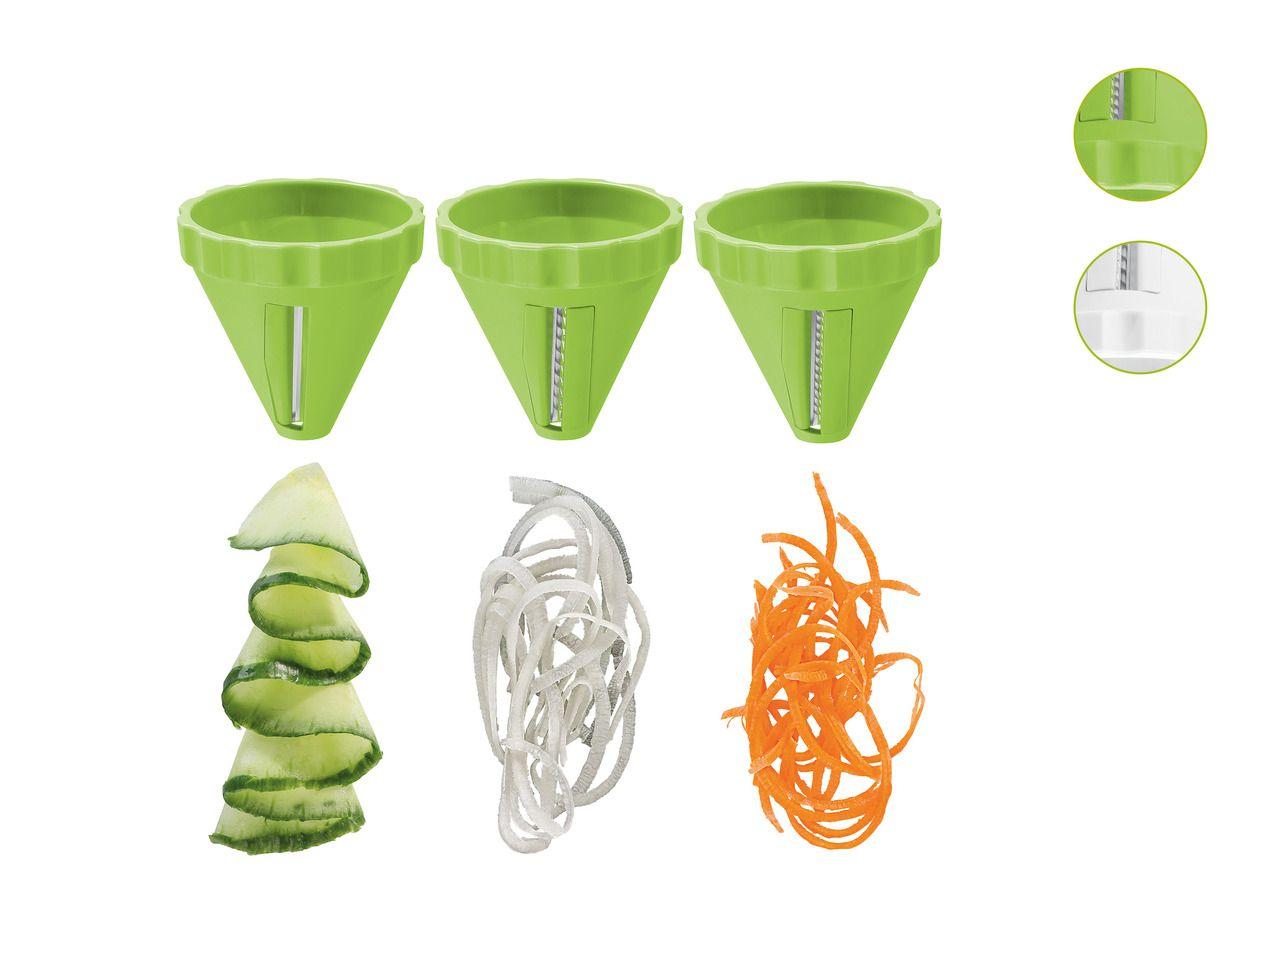 Ernesto Spiral Vegetable Cutter Set - at Lidl UK | Kitchen tips ...